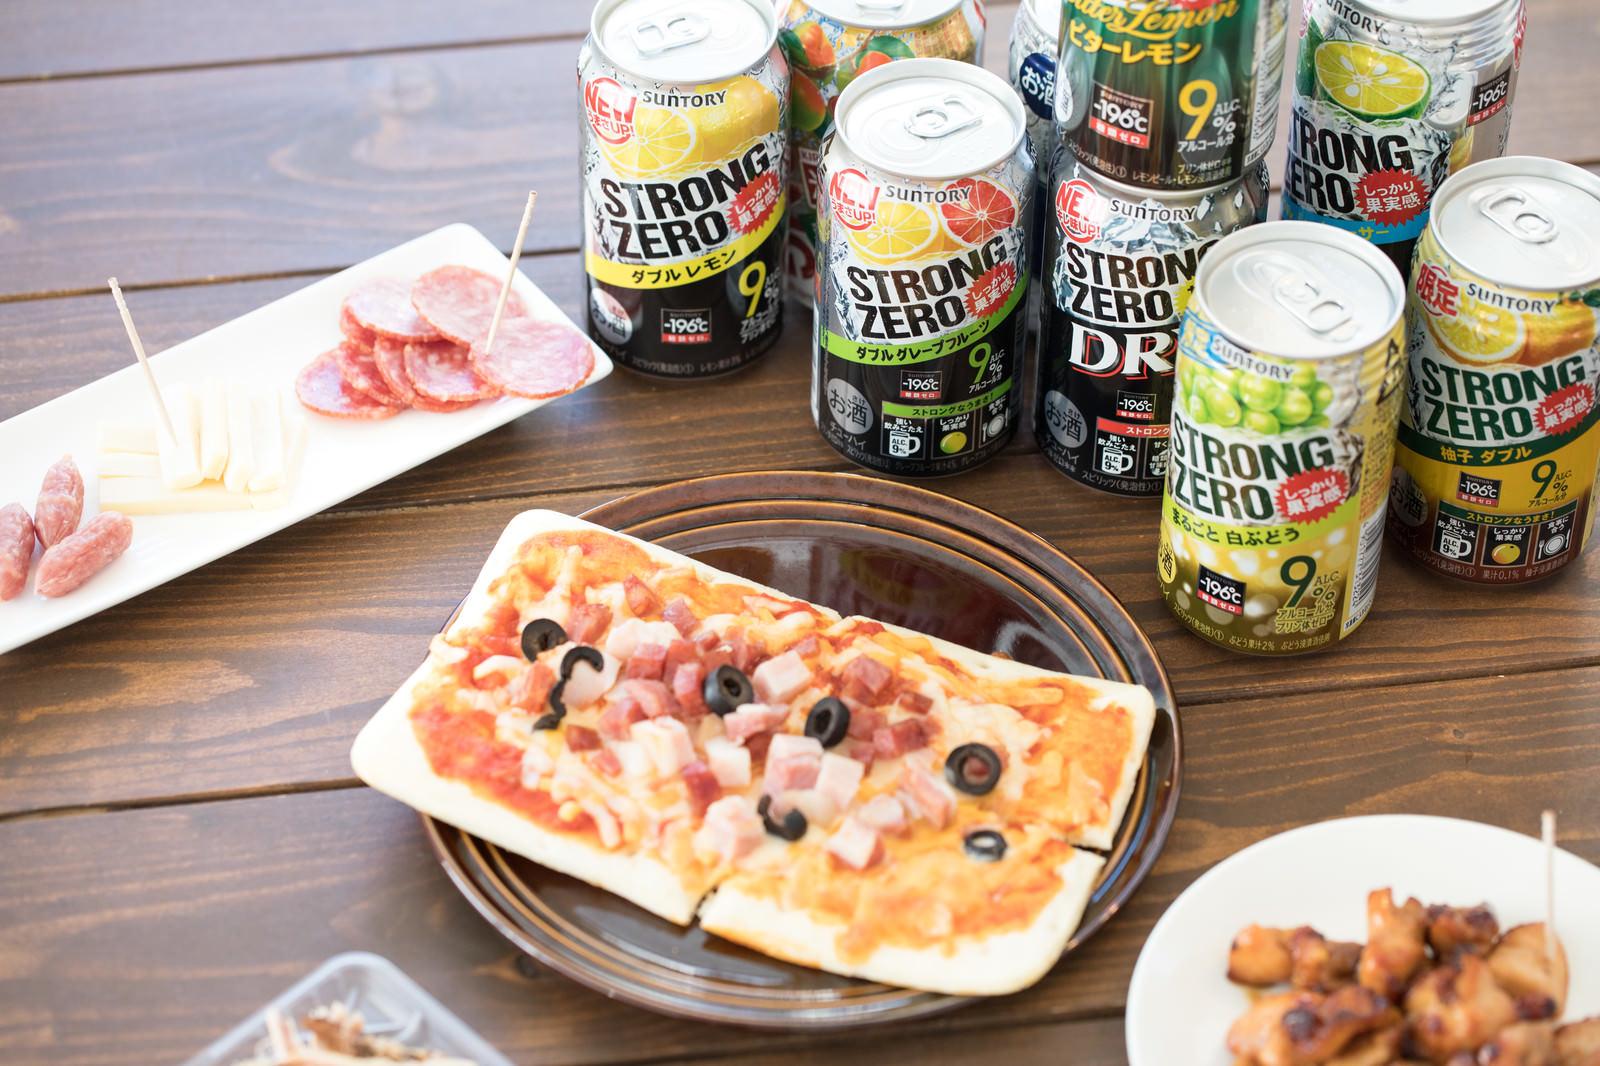 「缶チューハイとピザやつまみ類 | 写真の無料素材・フリー素材 - ぱくたそ」の写真